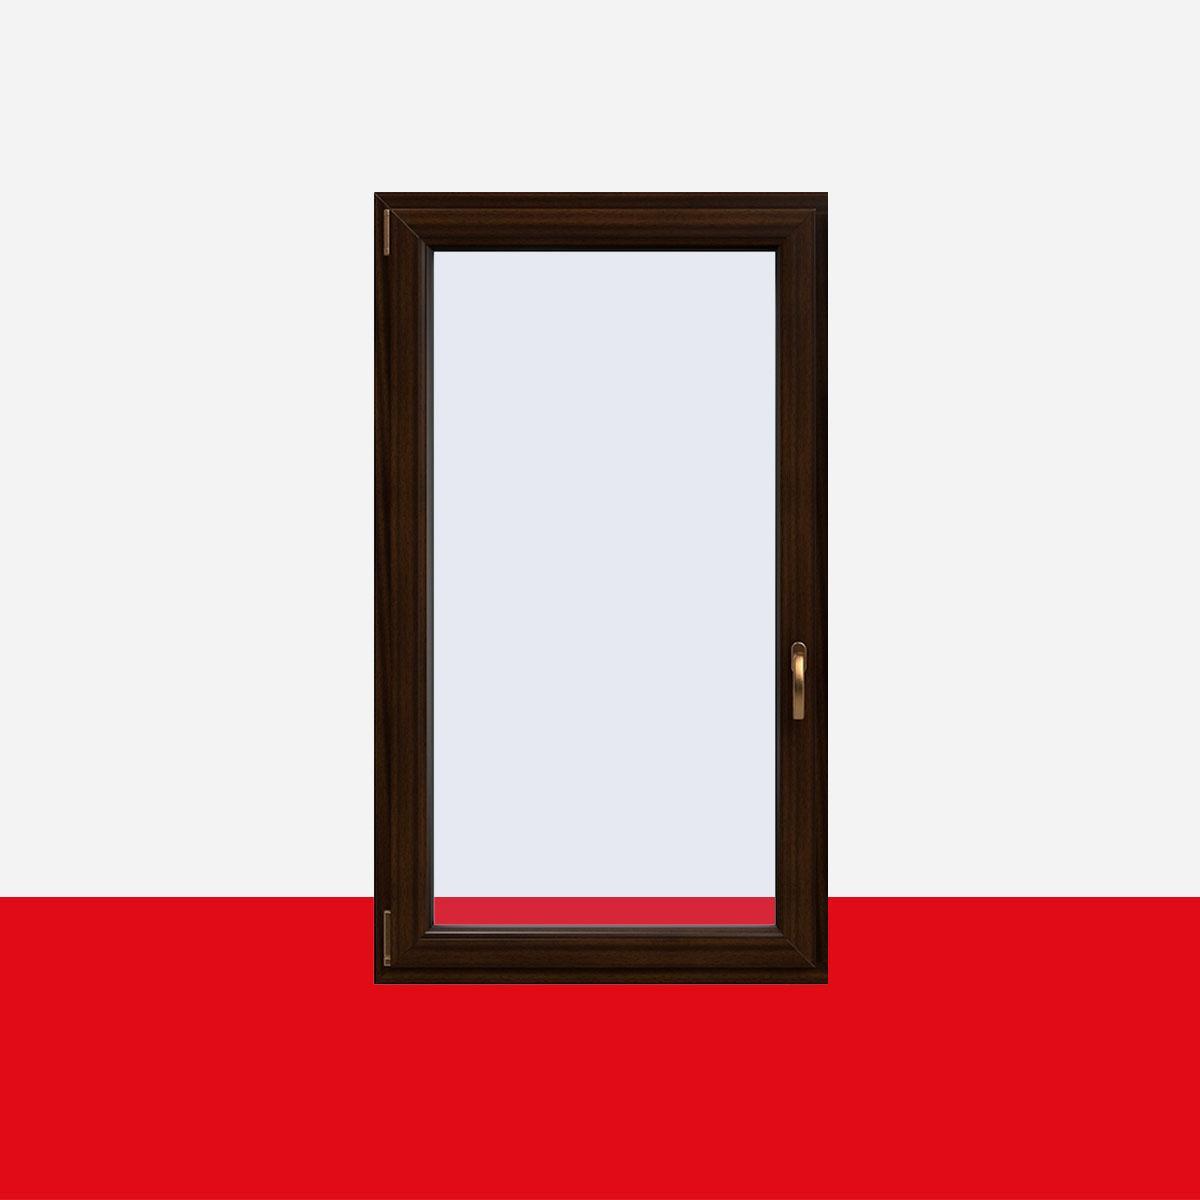 Full Size of Fenster Günstig Kaufen Kunststofffenster Mahagoni Innen Und Auen Dreh Kipp 1 Sicherheitsfolie Test Bodentief Auf Maß Einbruchschutz Folie Einbruchsichere Fenster Fenster Günstig Kaufen